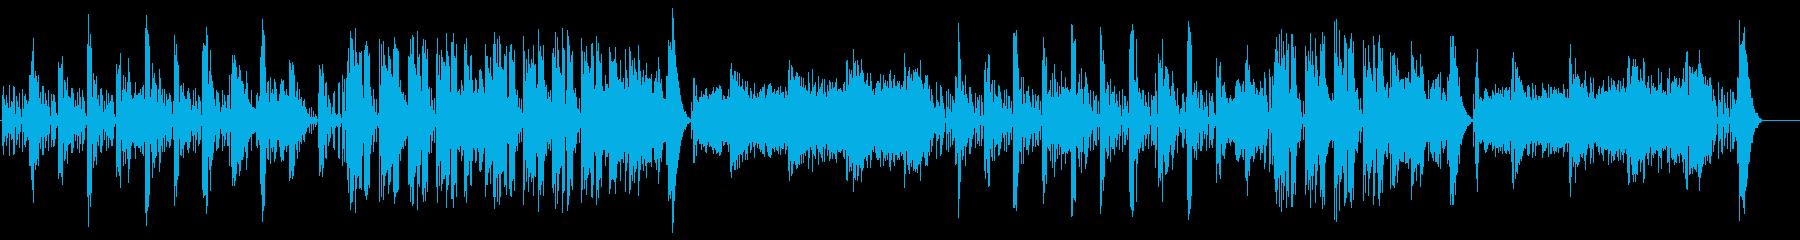 ドキュメンタリー系 物理学実験風サウンドの再生済みの波形